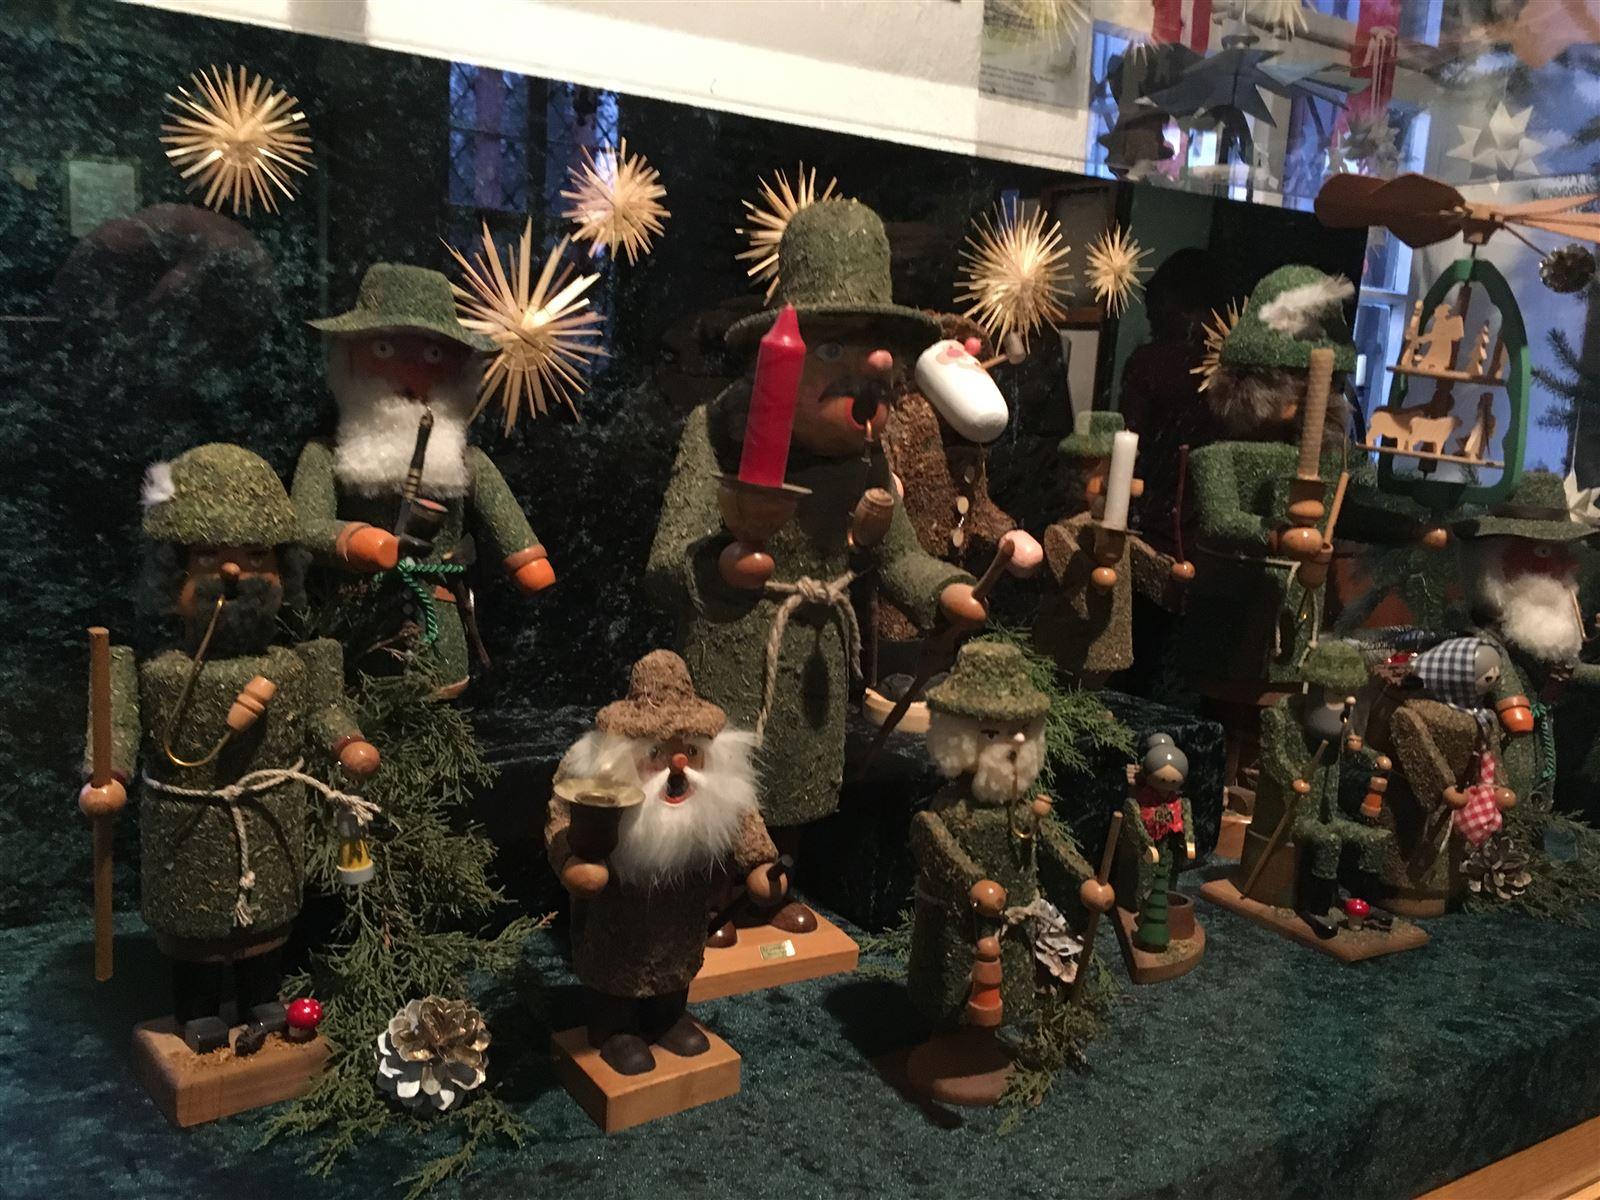 Ausflugstipp für Familien - Weihnachtsausstellung in Rodewisch / Sachsen / Vogtland - Moosmann